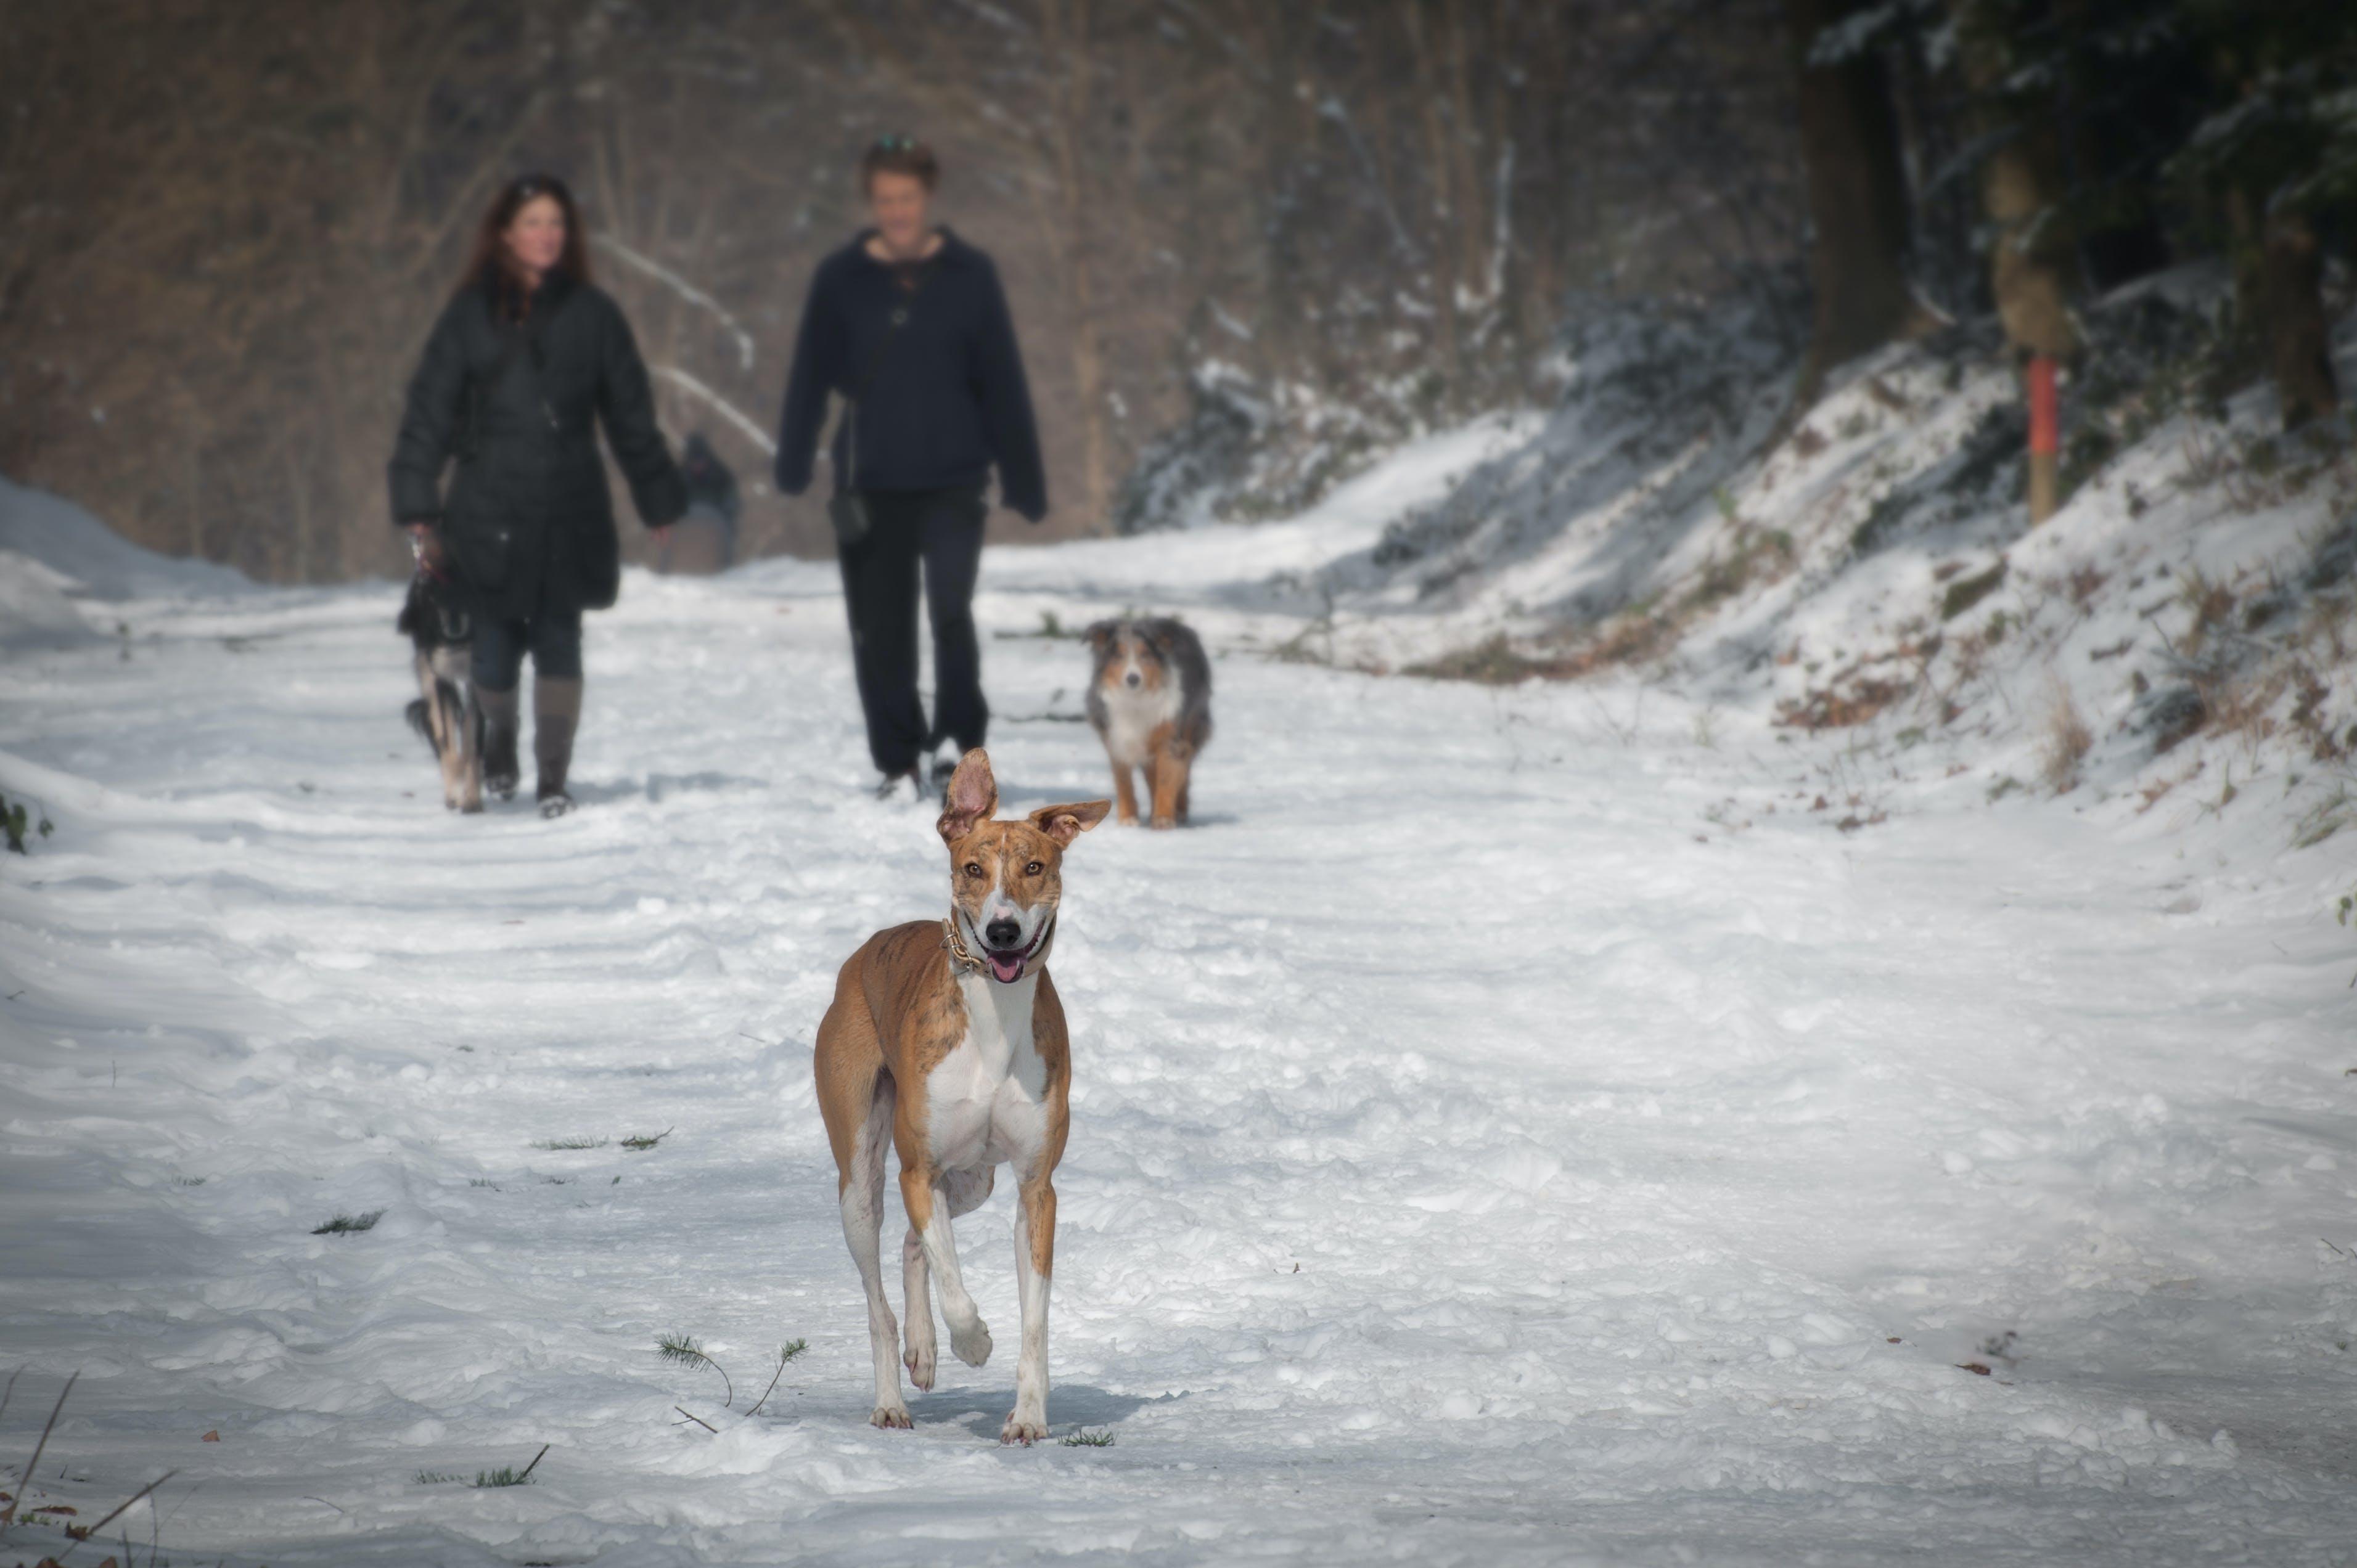 Gratis lagerfoto af forkølelse, hunde, par, sne